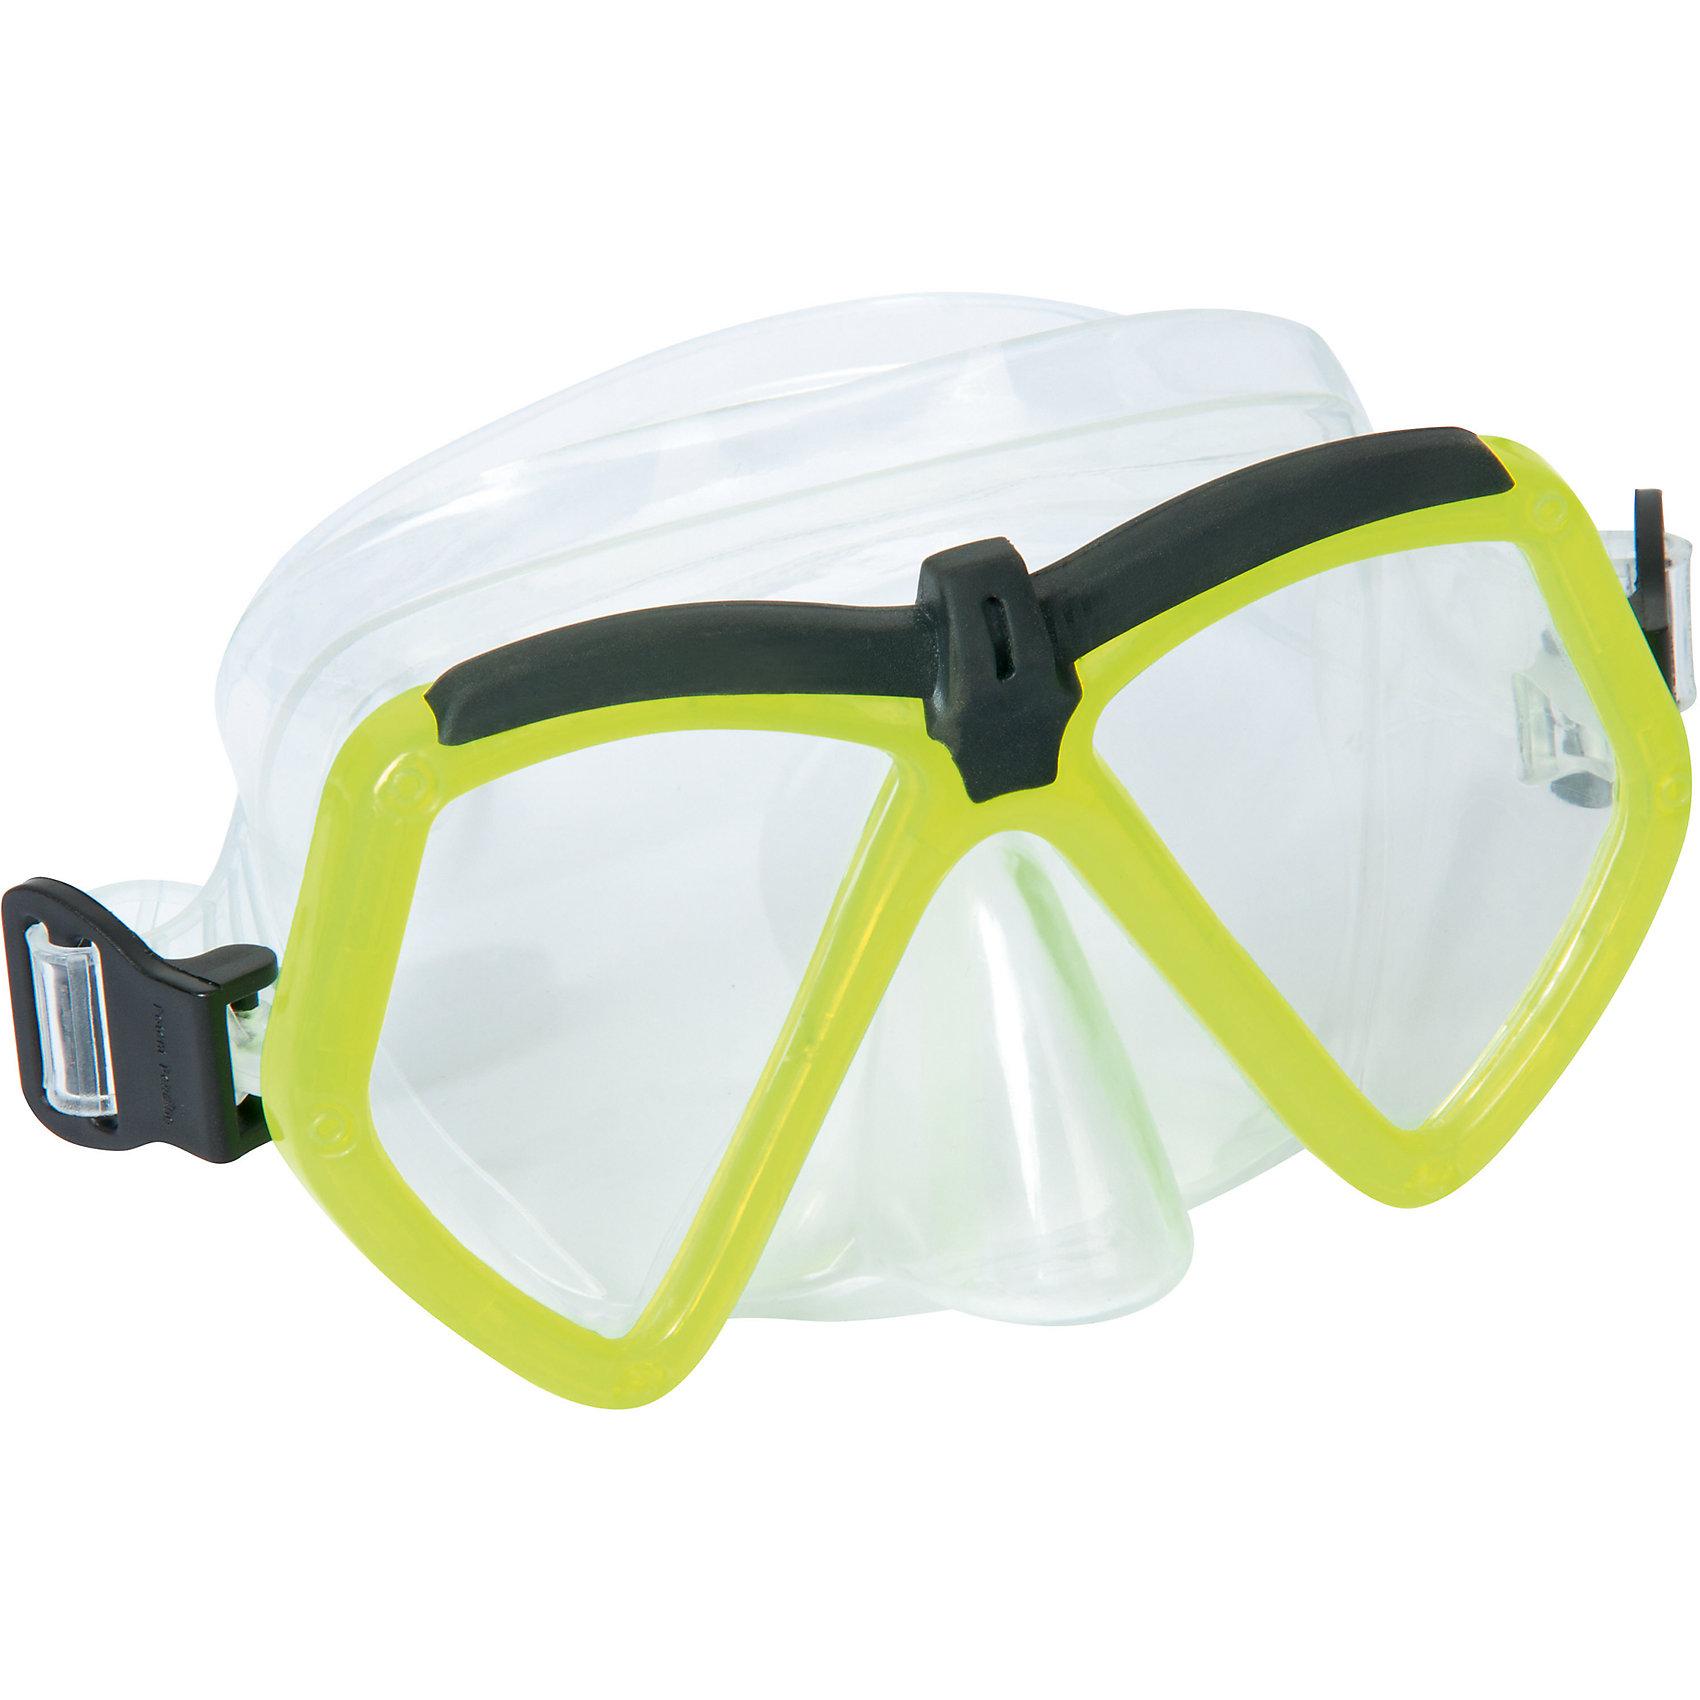 Bestway Детская маска для подводного плавания Море, Bestway, зеленый аквапалку для плавания в барнауле